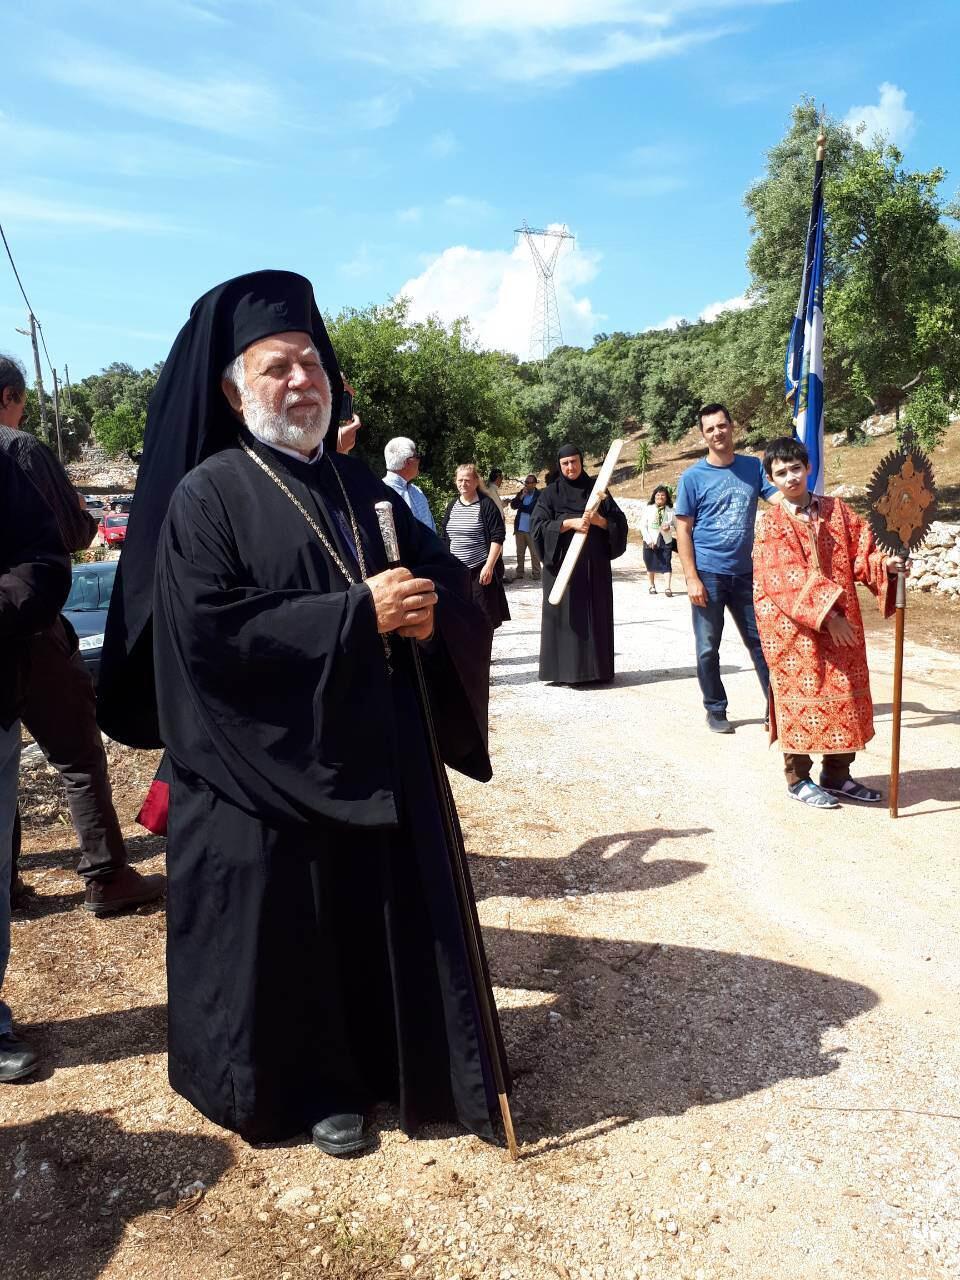 λατρευτικές εκδηλώσεις ιερού λειψάνου του Αγίου Νικολάου Γυναικεία Κοινοβιακή Ιρά Αθανίου